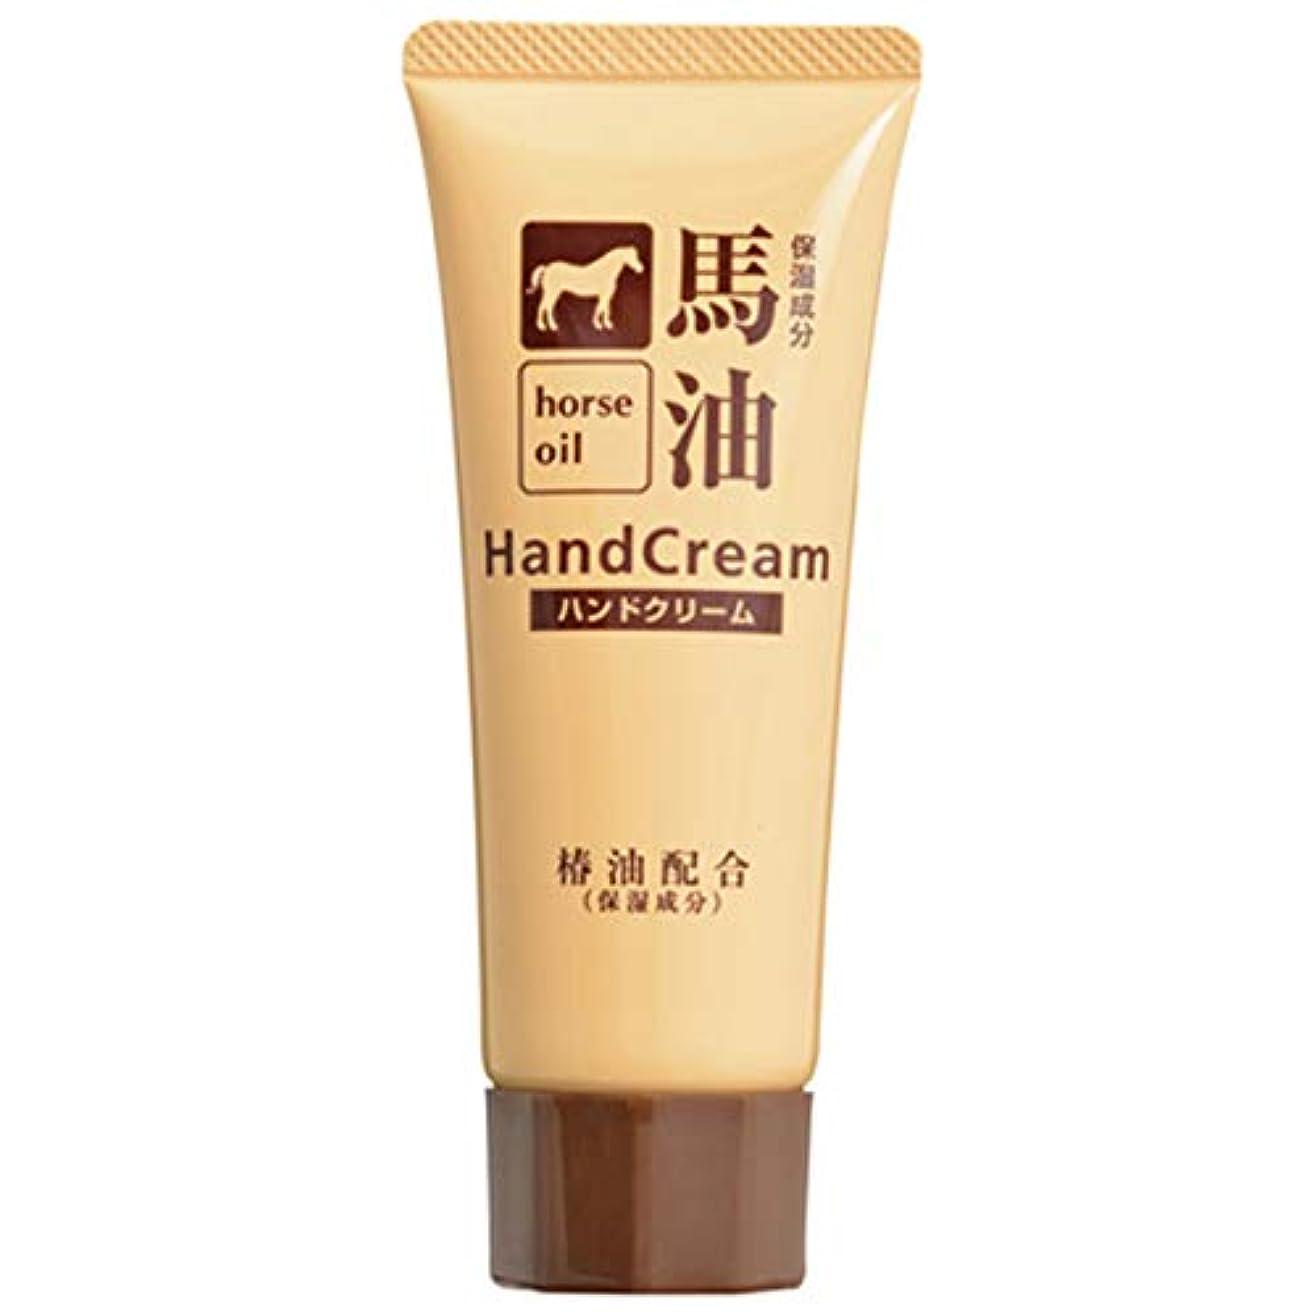 キャスト恐れ住む熊野油脂 椿油配合馬油ハンドクリーム 60g